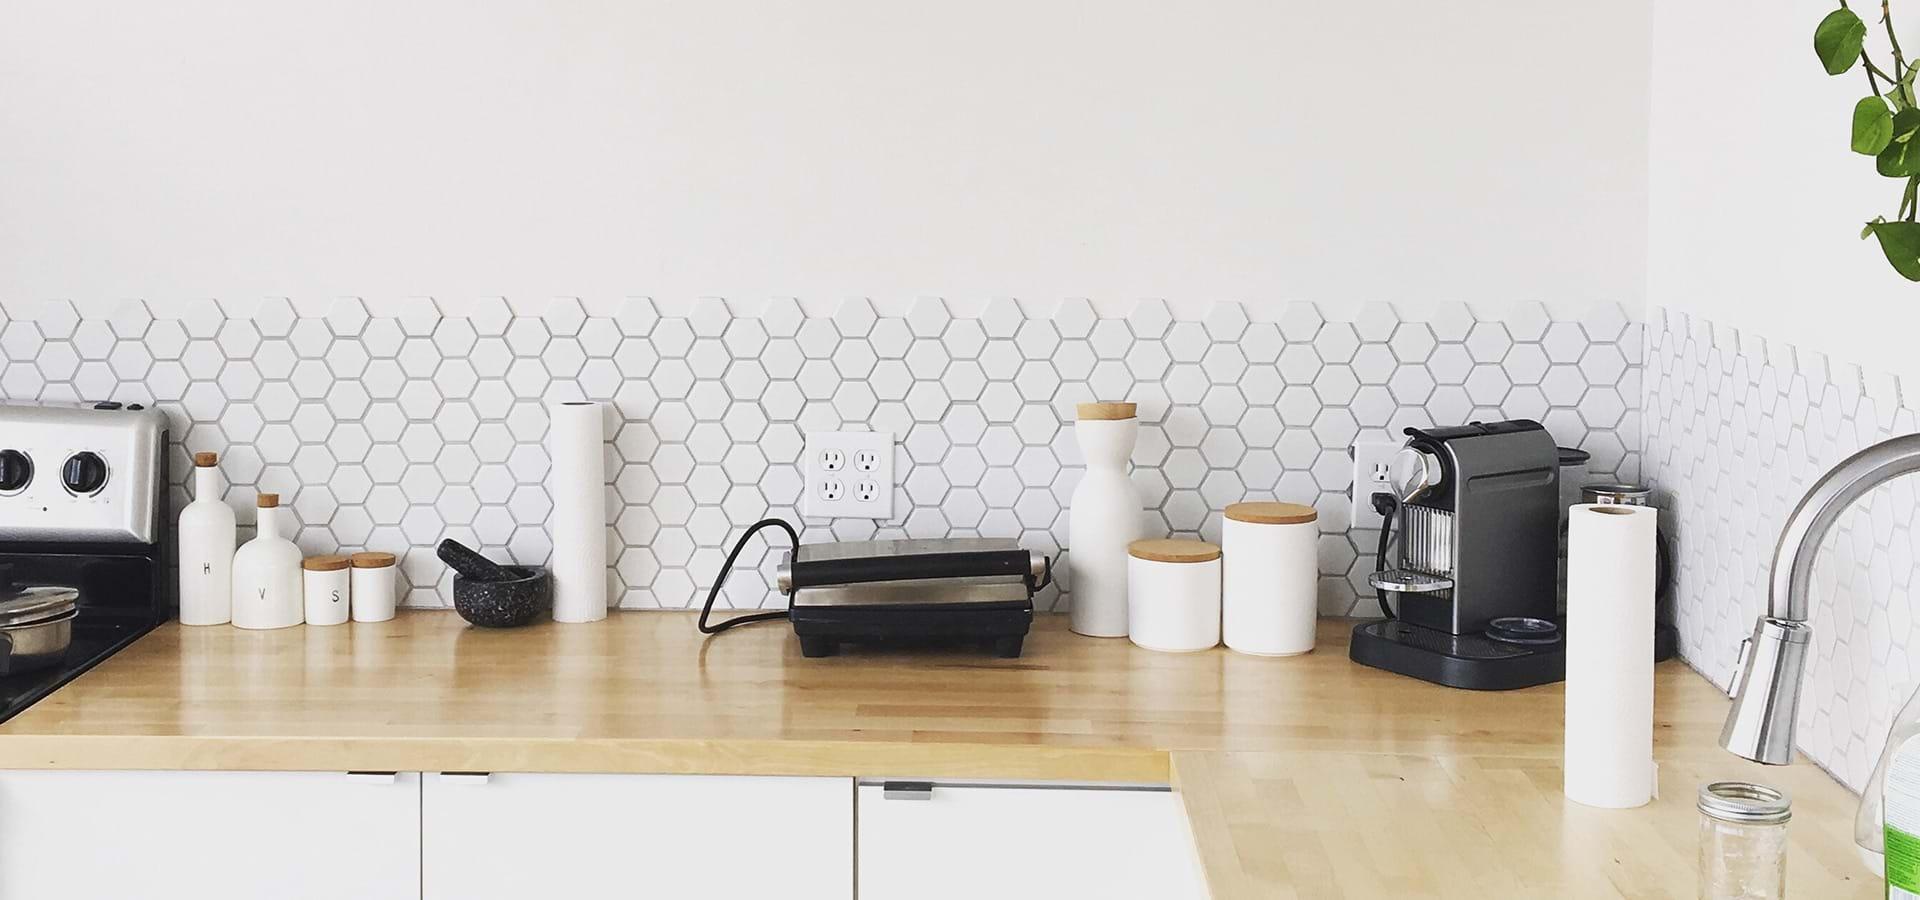 Full Size of Kchenrckwand Tipps Bonava Fliesenspiegel Küche Glas Selber Machen Küchen Regal Wohnzimmer Küchen Fliesenspiegel